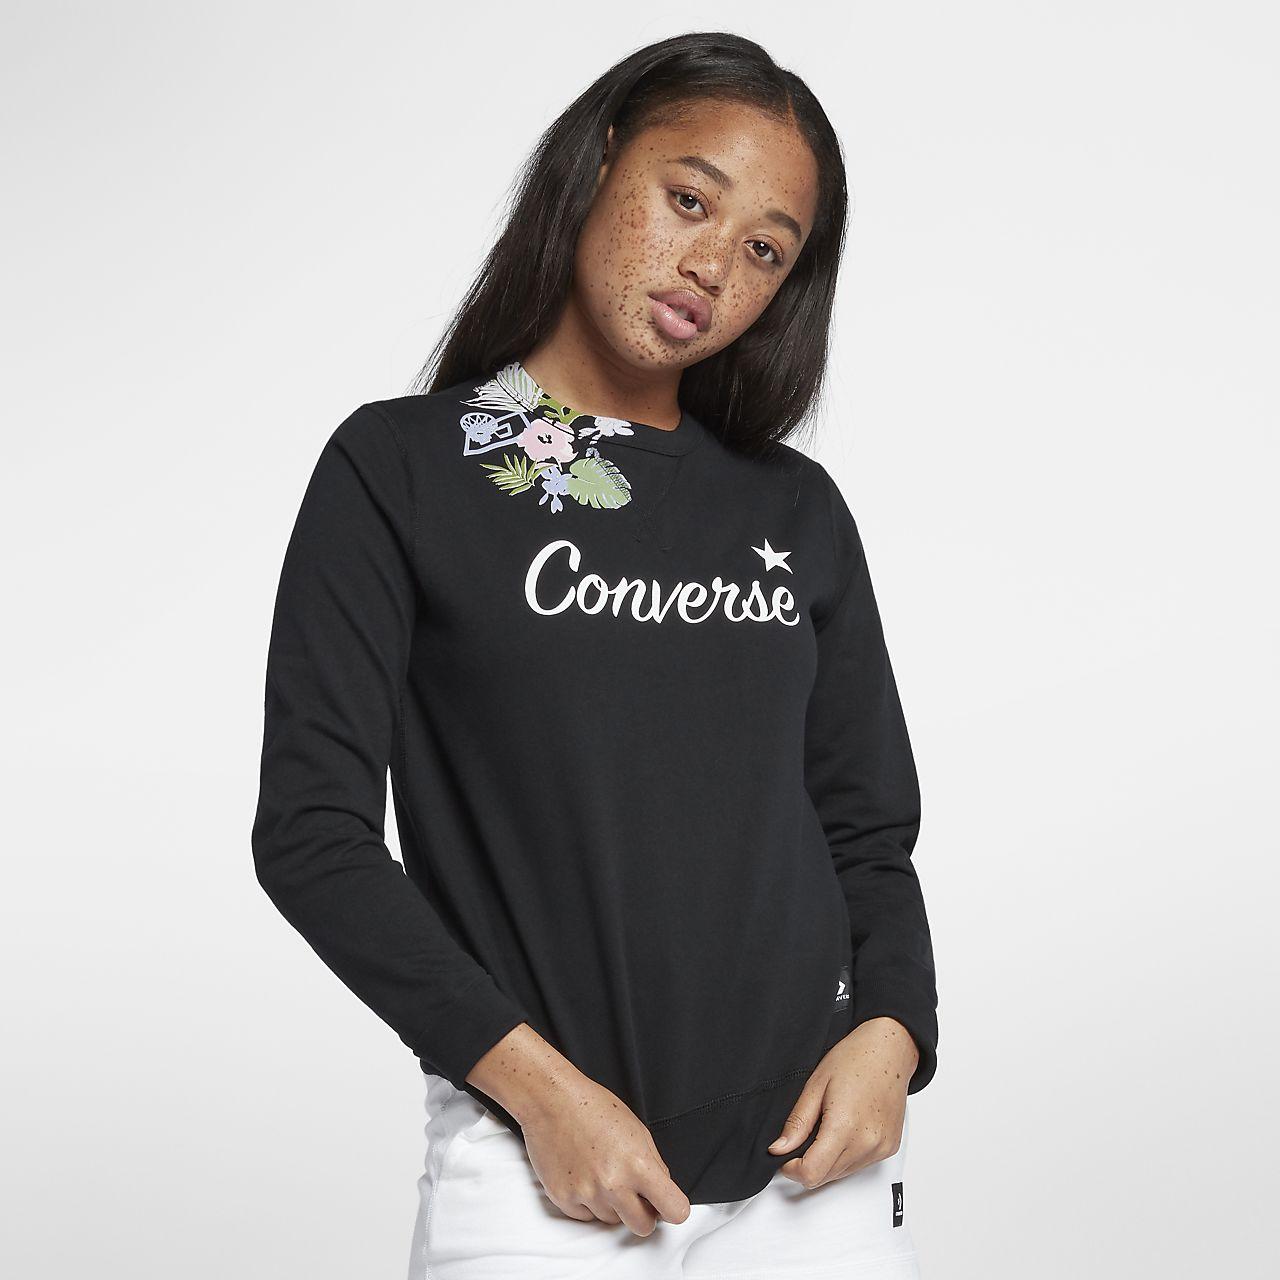 Converse Essentials Lightweight Palm Print Star Crew Women's Sweatshirt